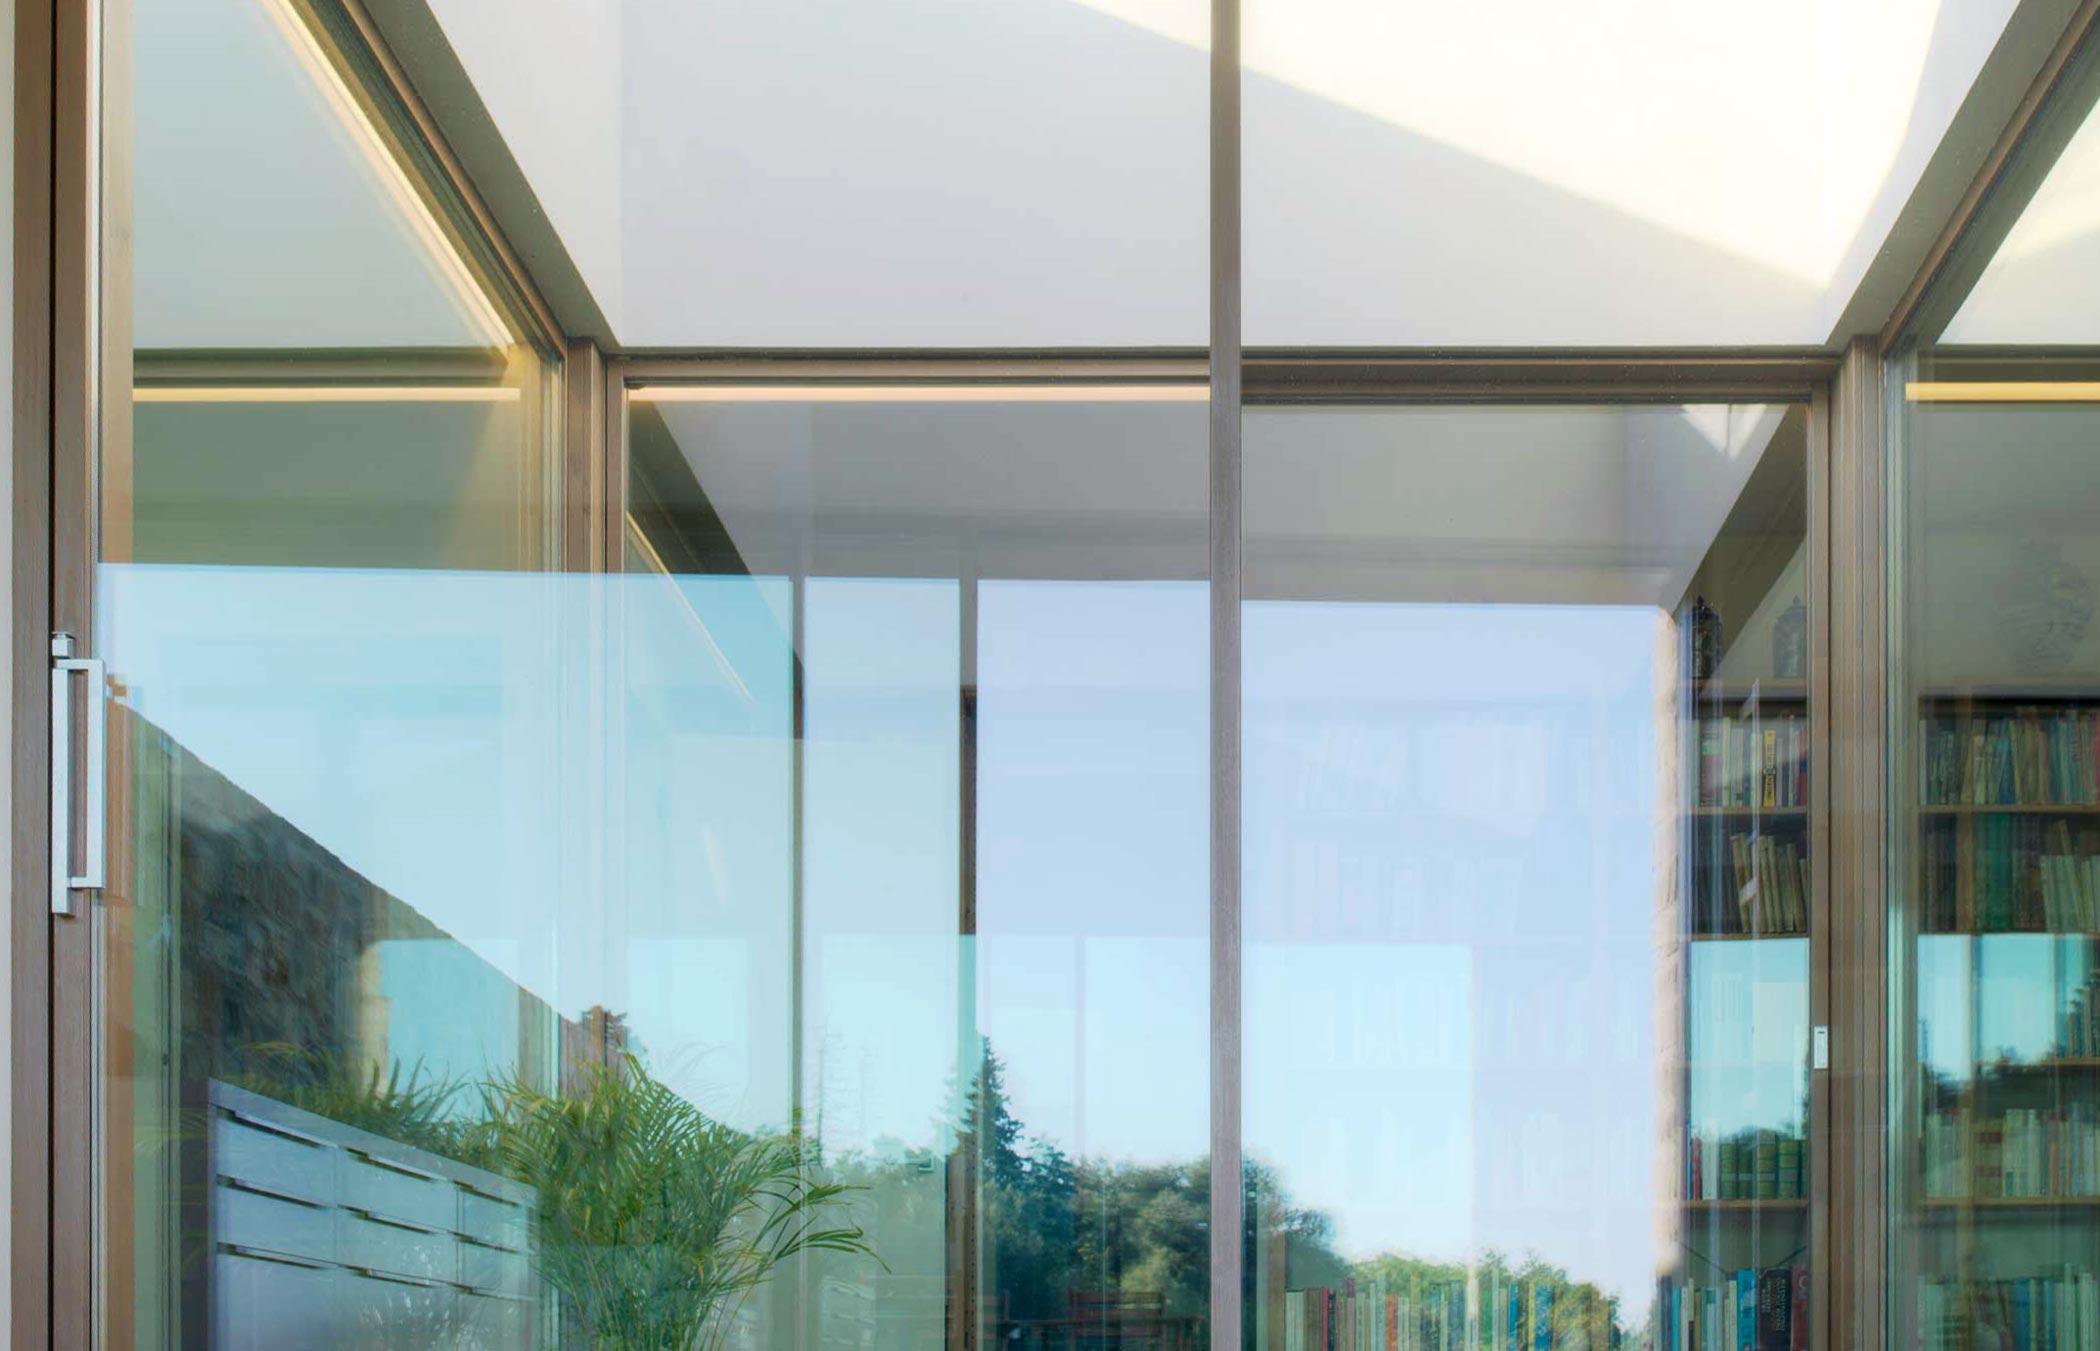 Vista frontale di un alzante scorrevole Skyline con maniglione nuovo in cromo satinato